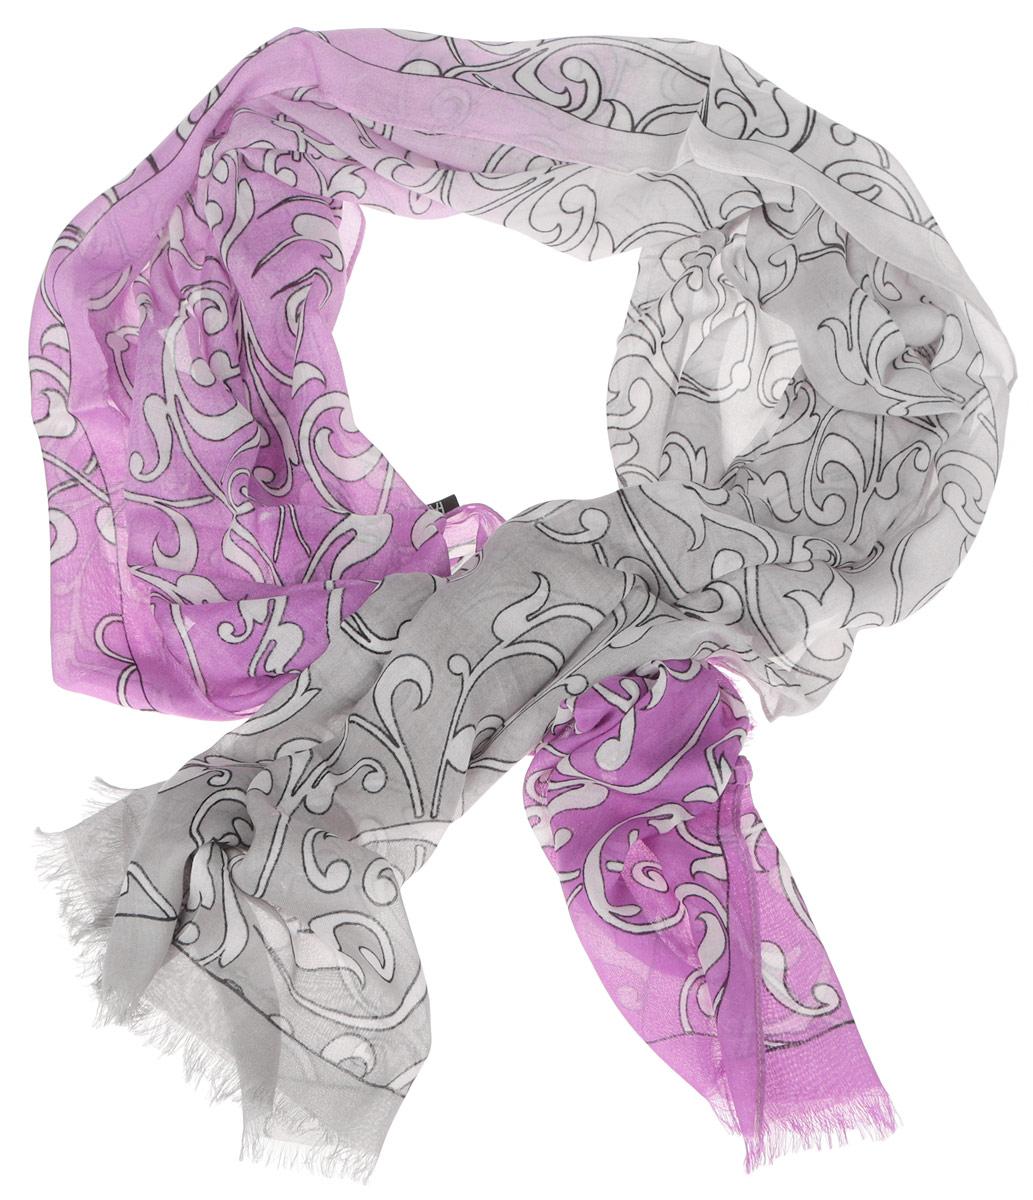 Шарф женский. DS2015-002DS2015-002-15Женский шарф Fabretti позволит вам создать неповторимый и запоминающийся образ. Изготовленный из высококачественных материалов, он очень легкий, мягкий, имеет приятную на ощупь текстуру. Модель оформлена изысканным узором, украшена по краям короткими кисточками. Такой аксессуар станет стильным дополнением к гардеробу современной женщины, стремящейся всегда оставаться яркой и элегантной.